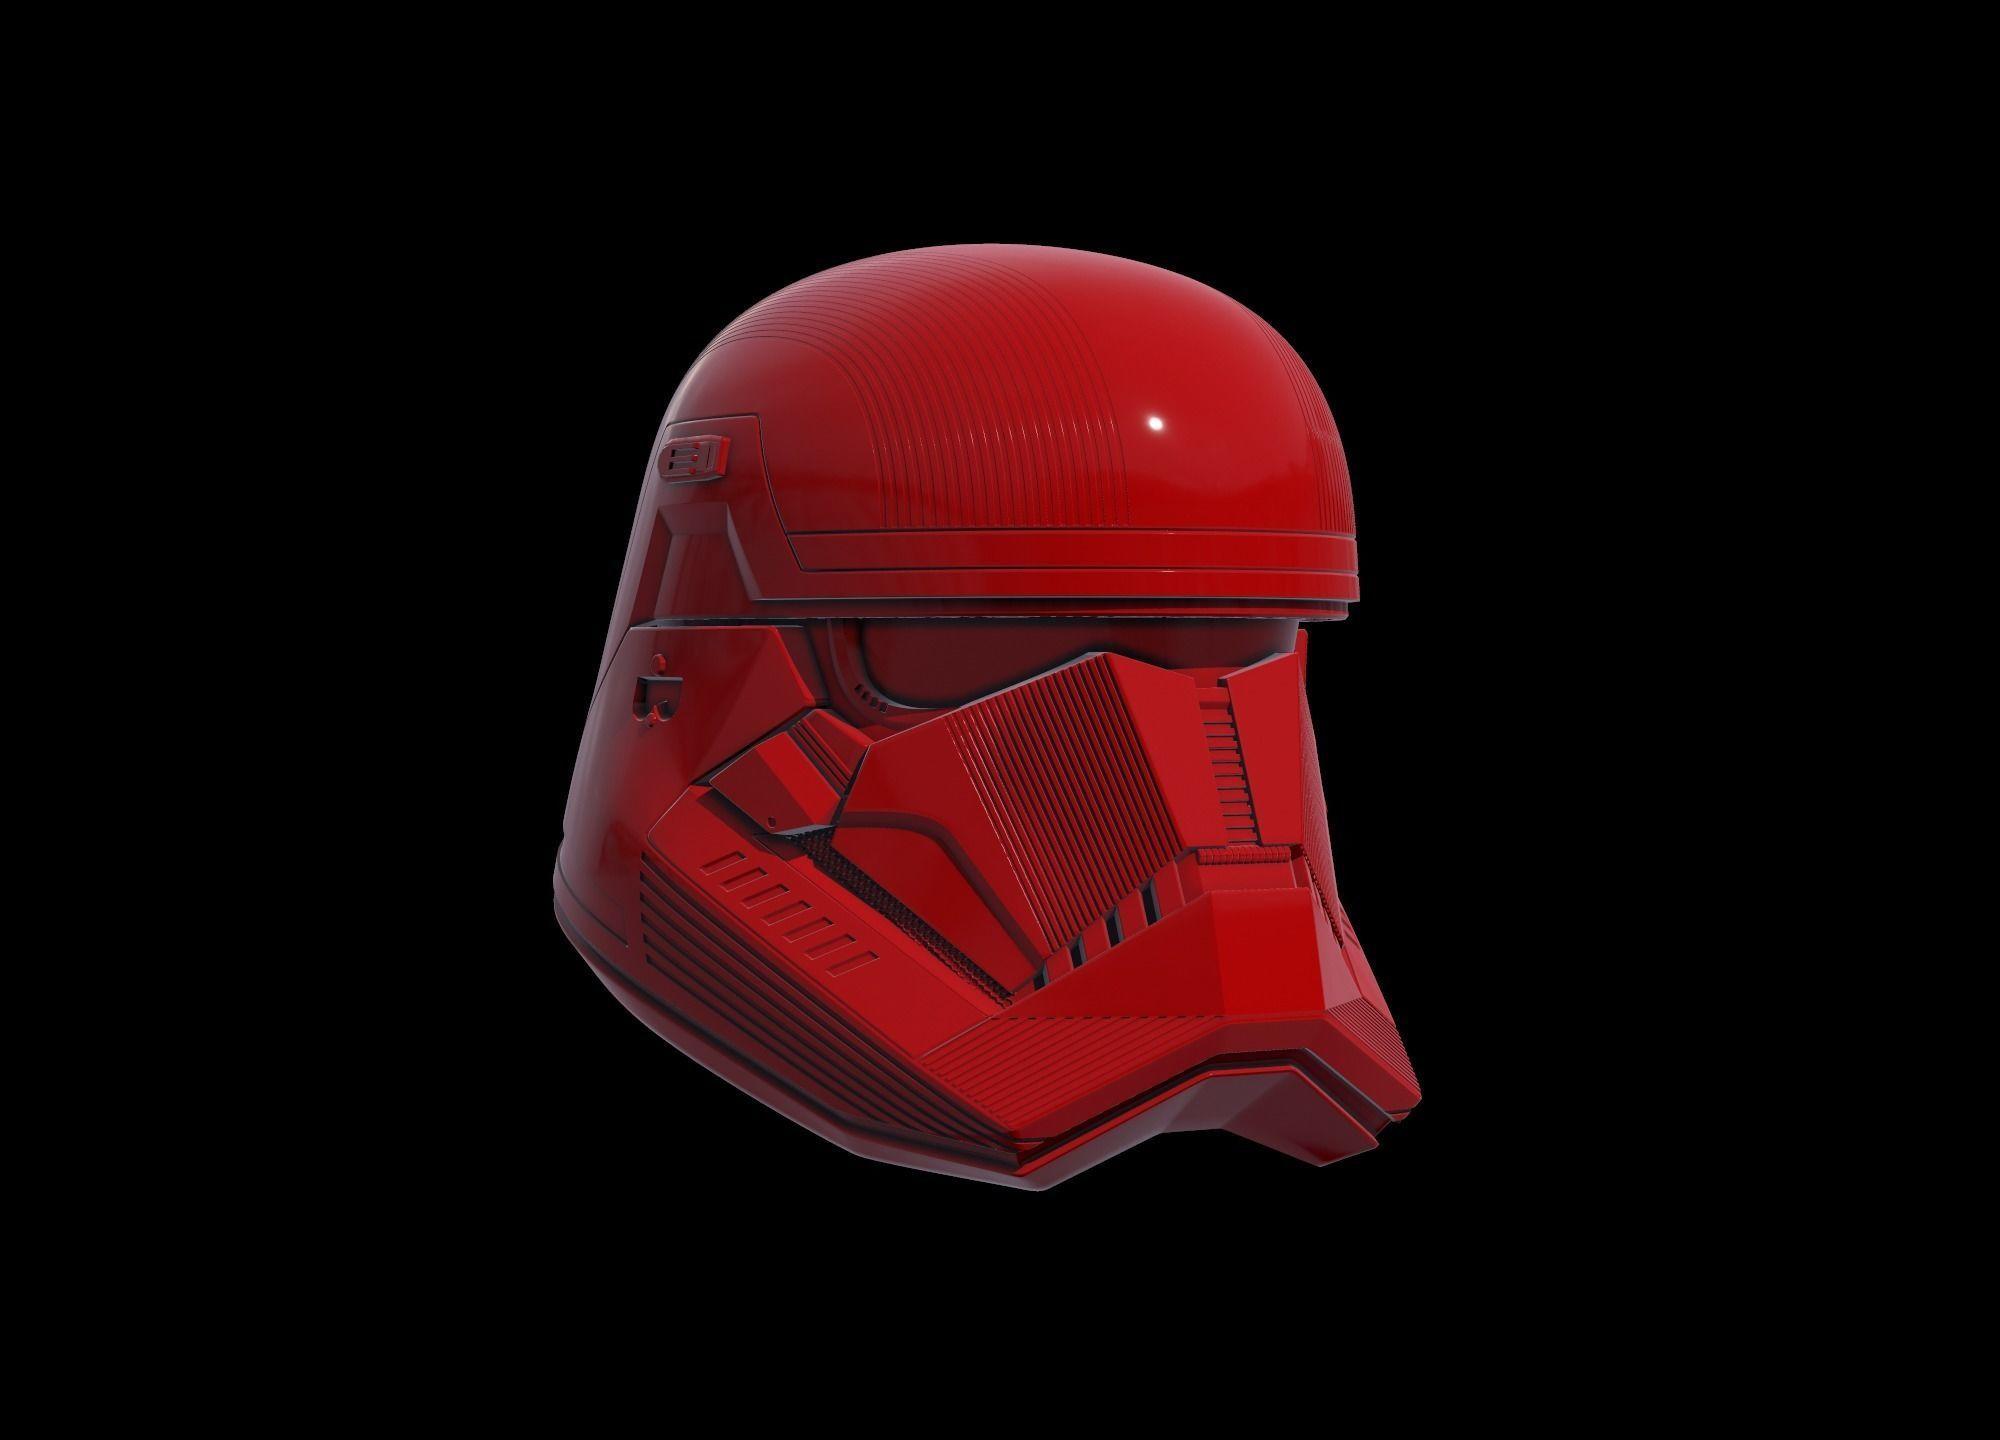 Sith Troop Helmet Wearable 3D Print Model